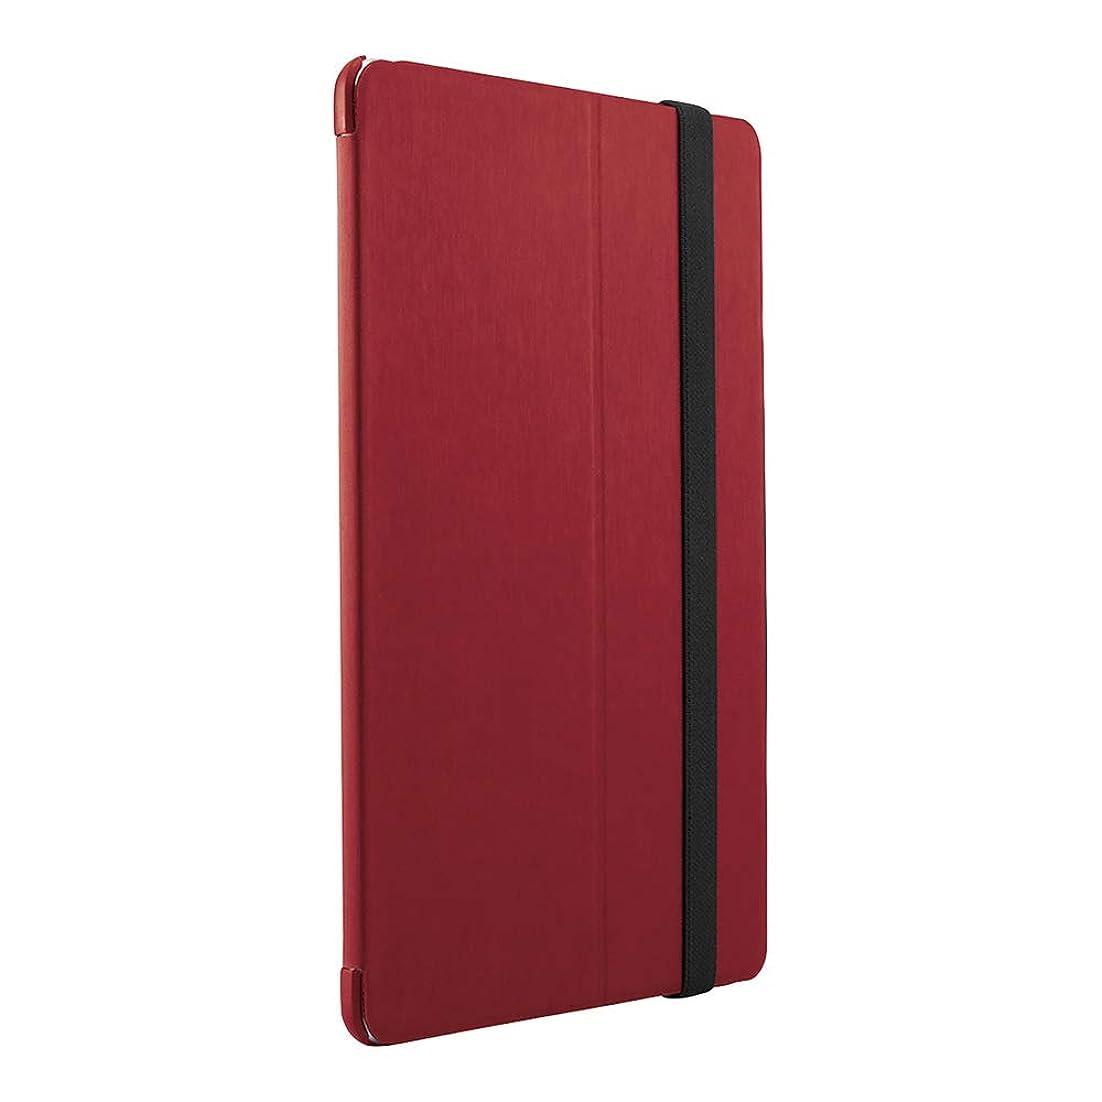 逆説読書をするムスタチオBUFFALO 2019年iPad mini ヘアライン調レザーケース レッド BSIPD1907CLHRD